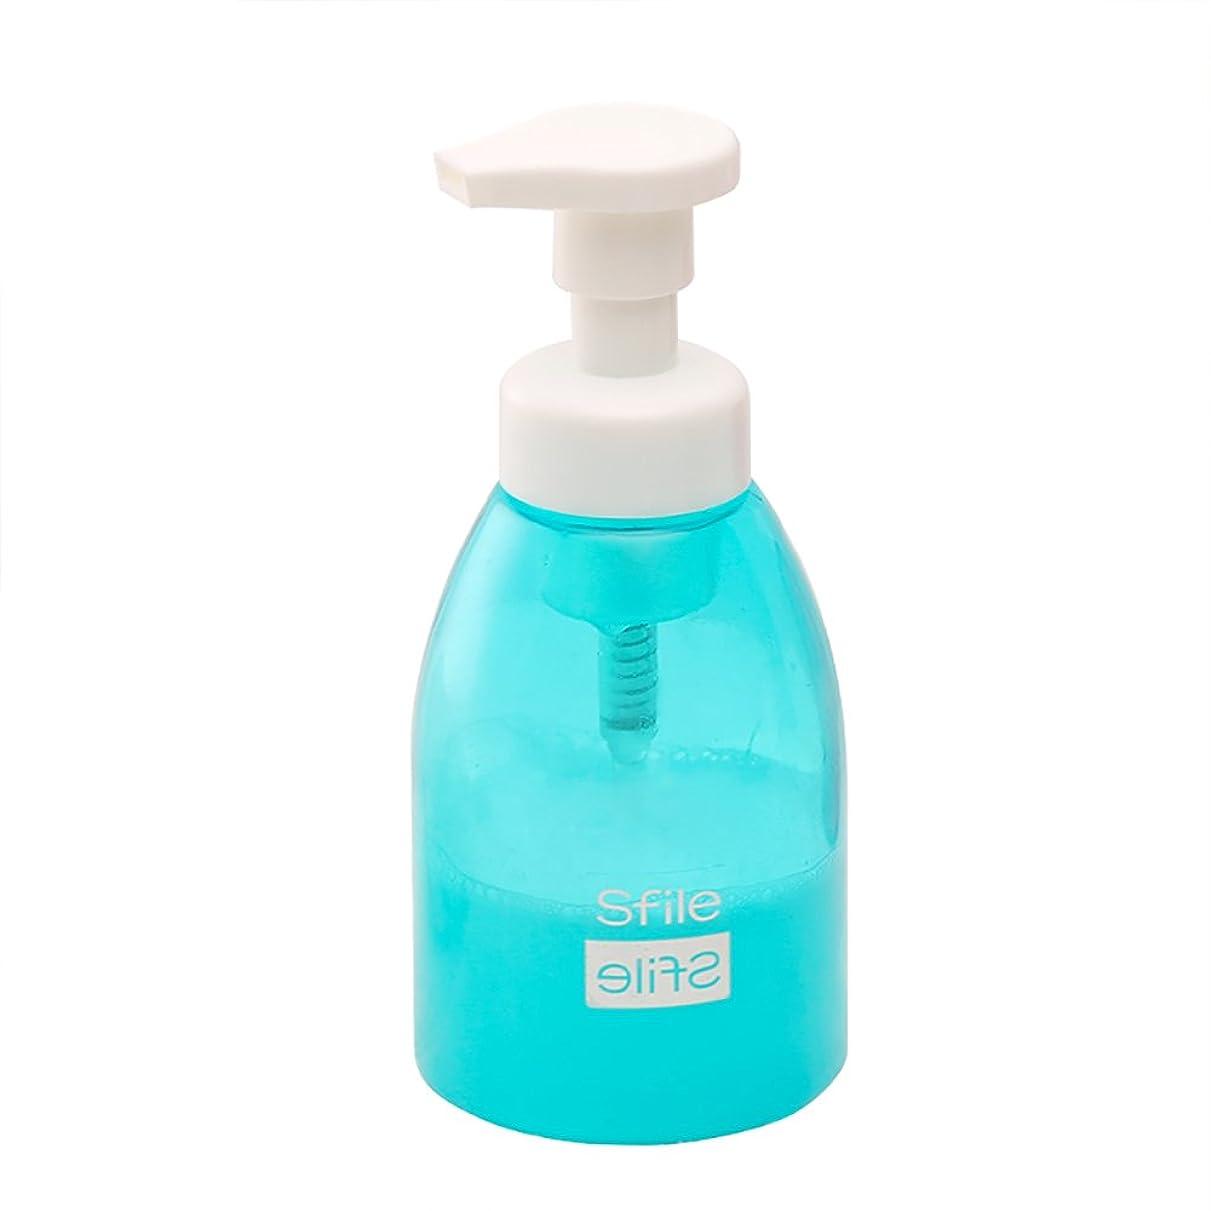 回復するリンケージ感覚泡立てボトル/ビン/コップ 洗顔用 泡立て器 洗顔フォーム 洗顔ネット 2色 (ブルー)